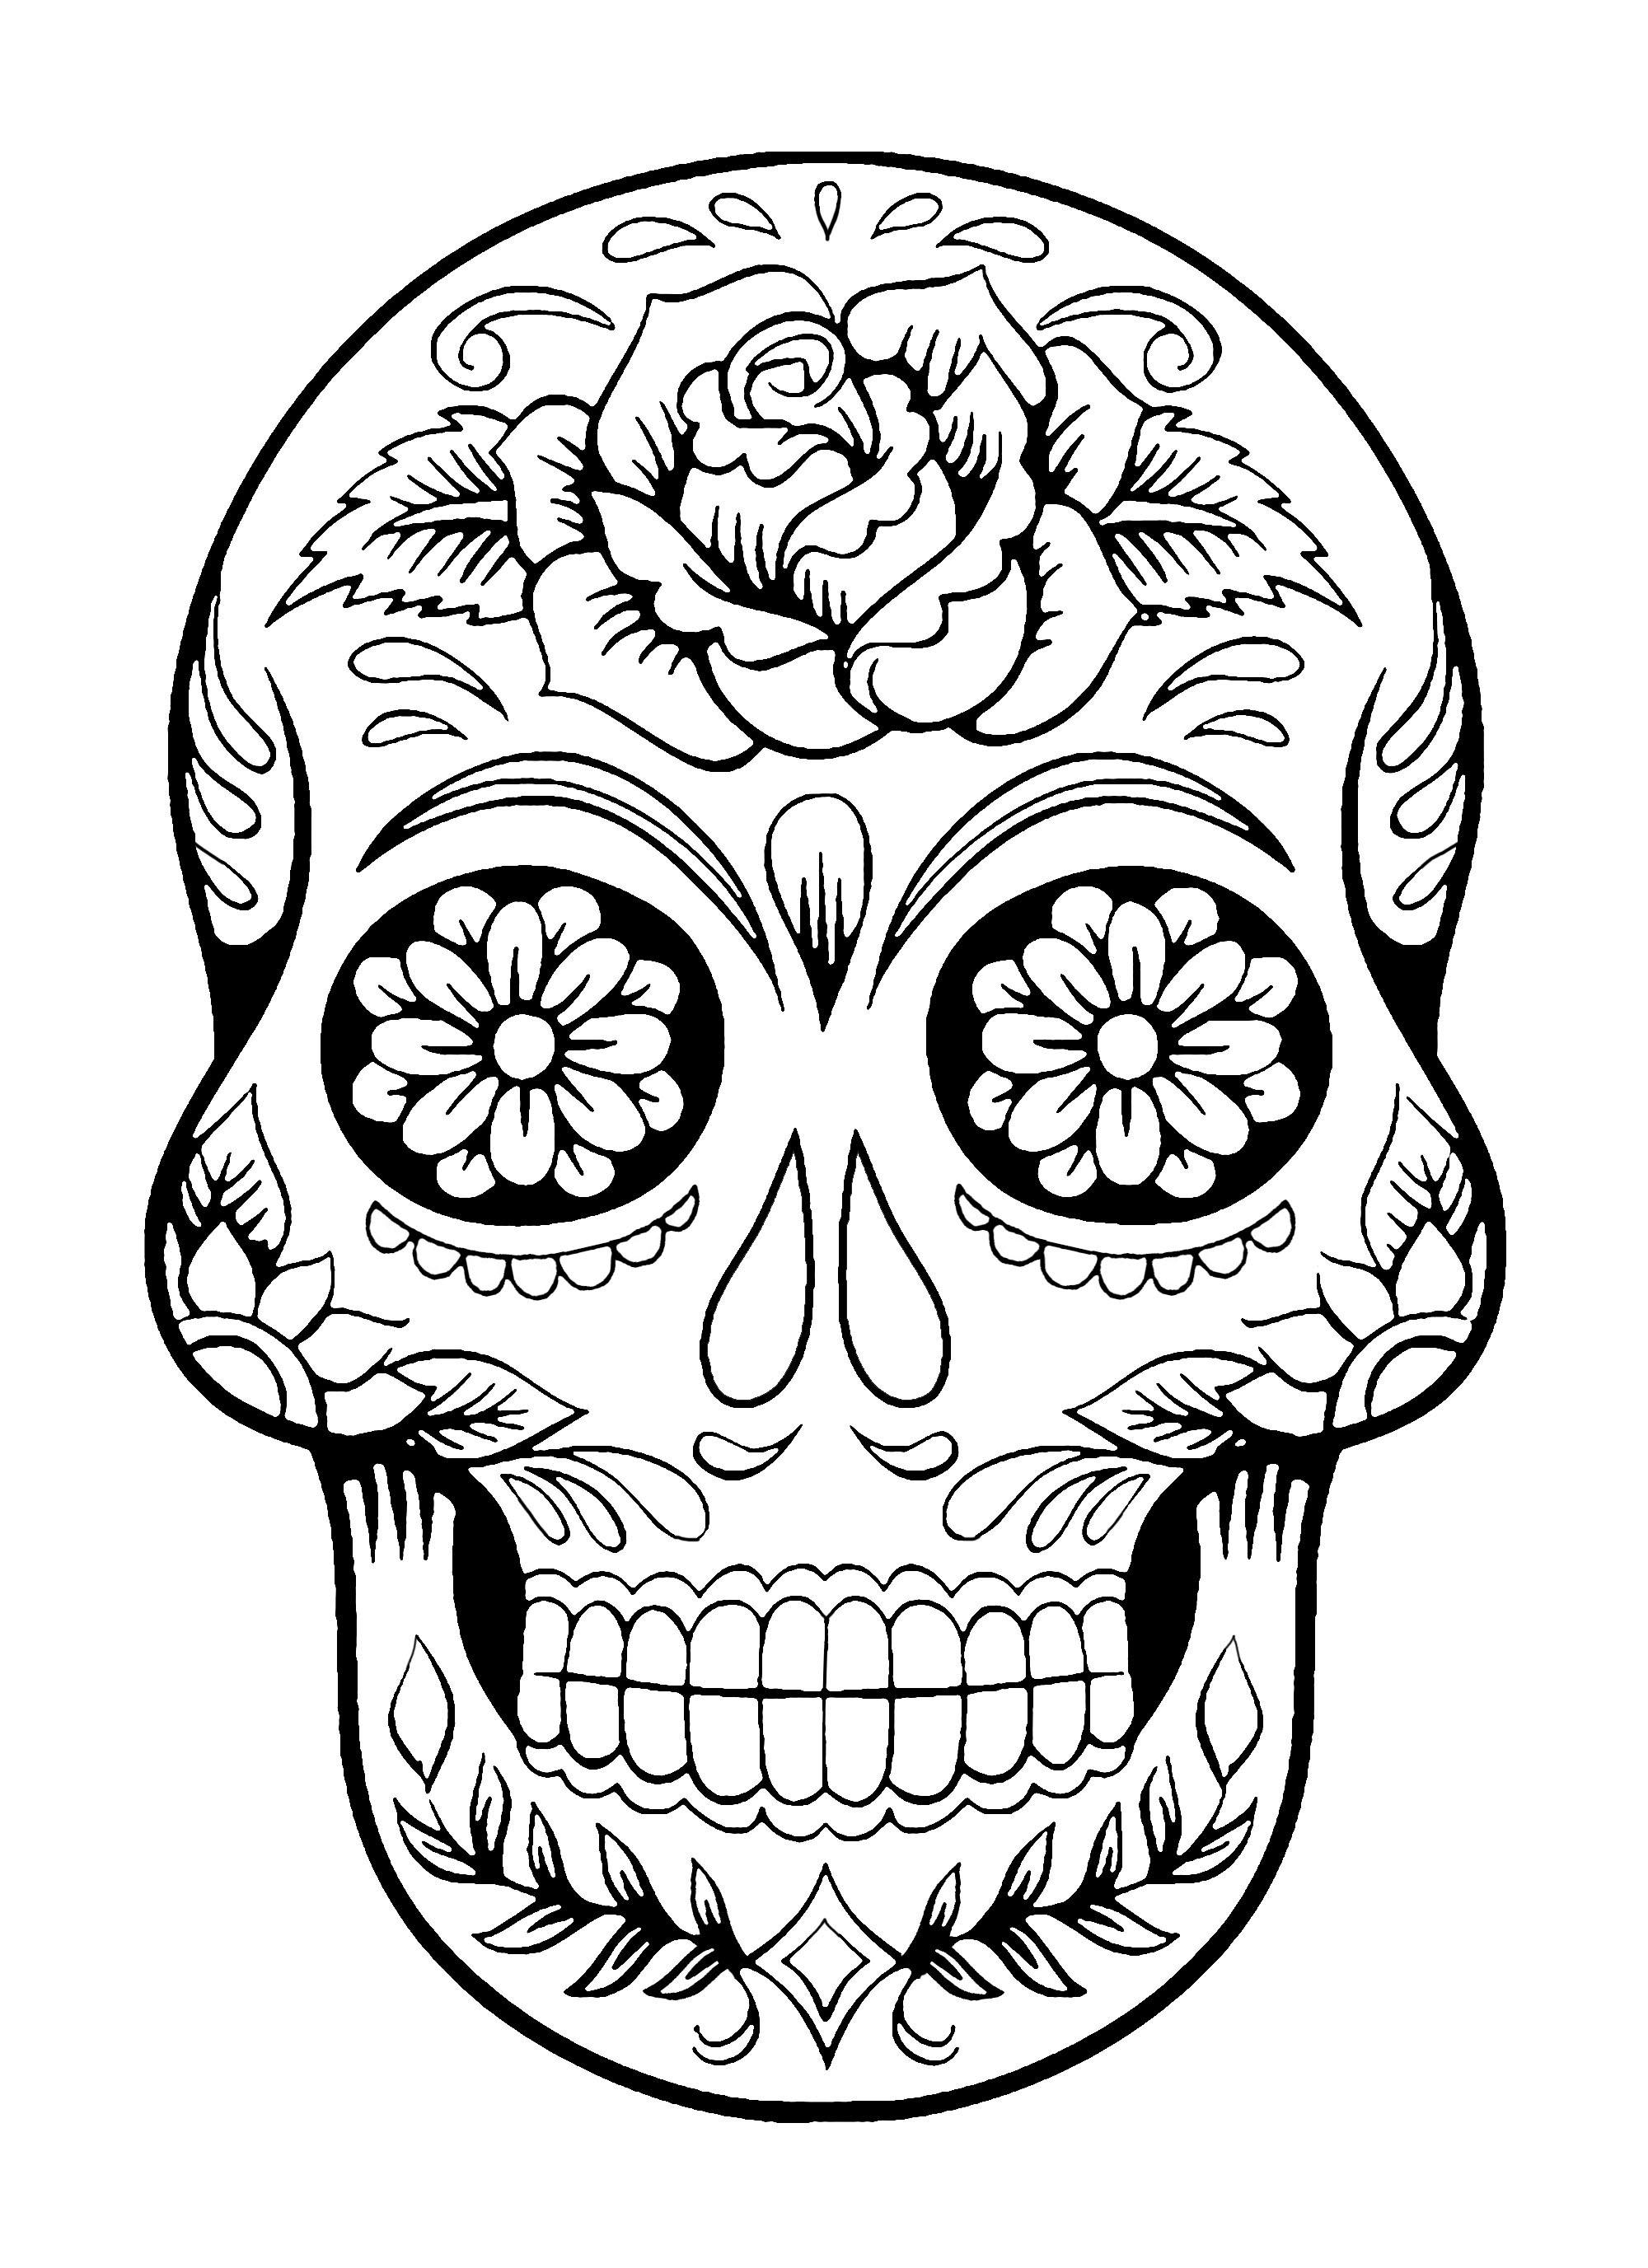 Coloriage El Día de los Muertos (Le jour des morts) - 4